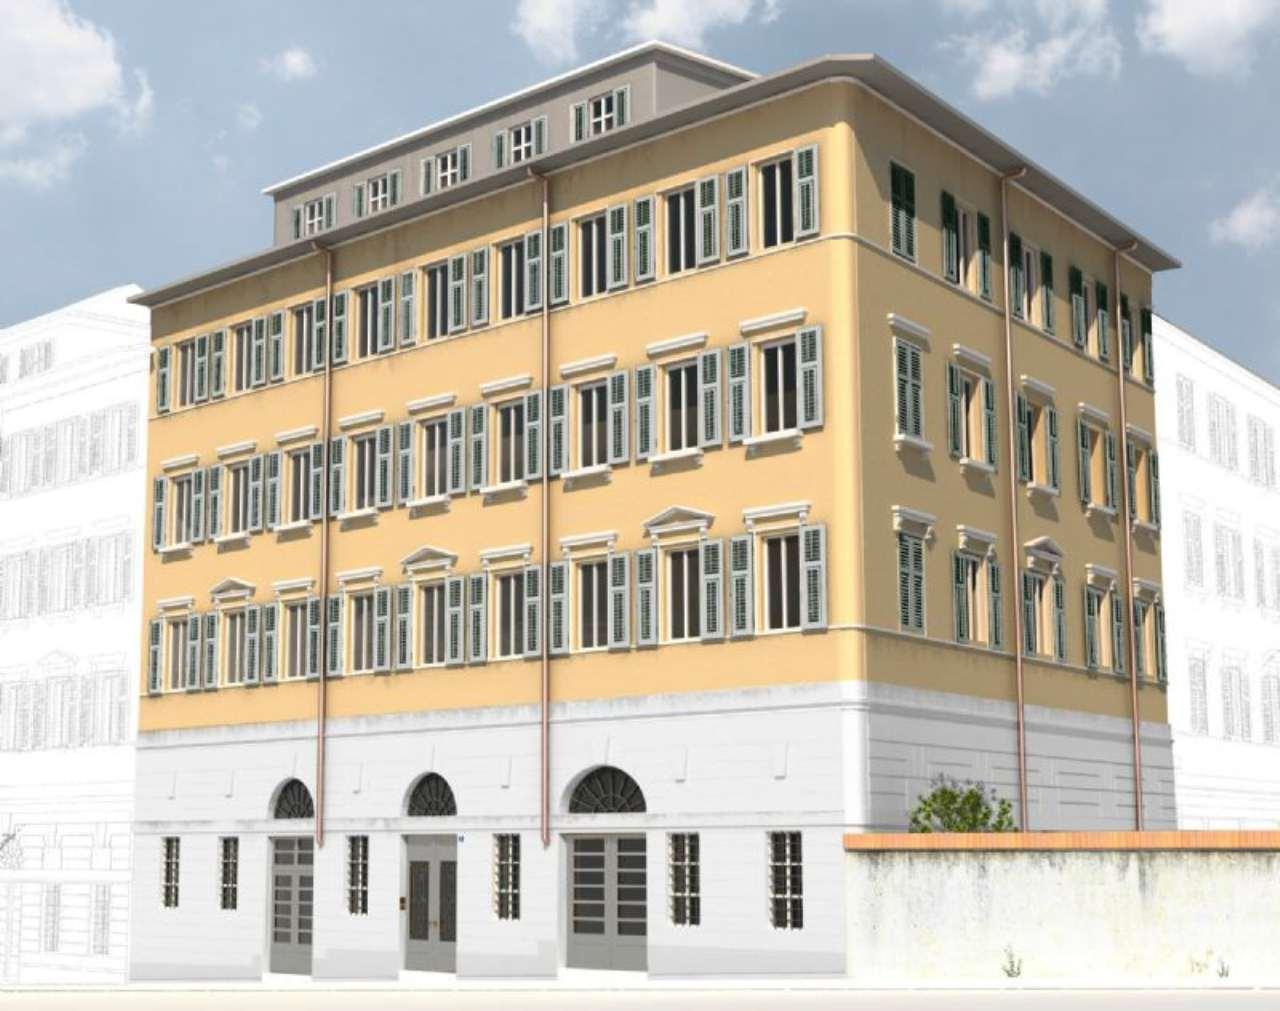 Appartamento in vendita a Trieste, 3 locali, prezzo € 205.000 | Cambio Casa.it